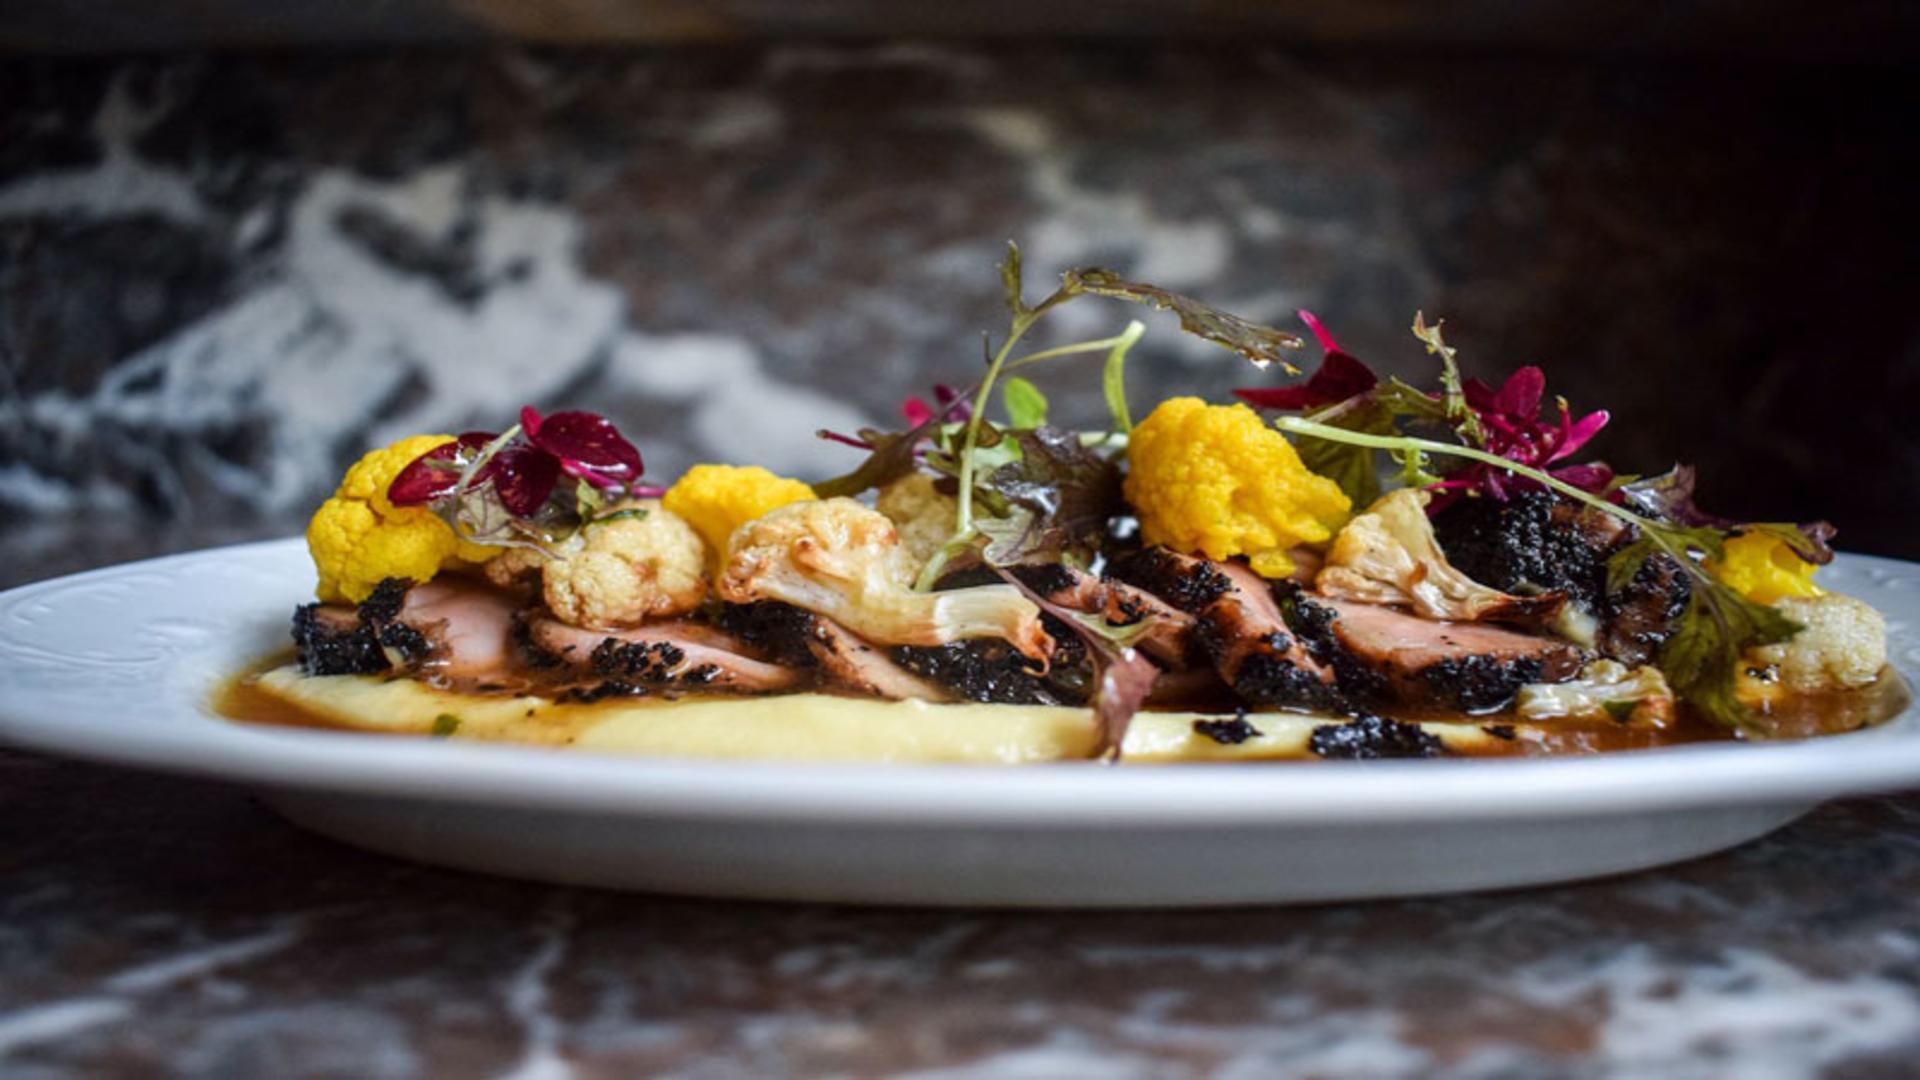 Best French restaurants in London | Blanchette Soho